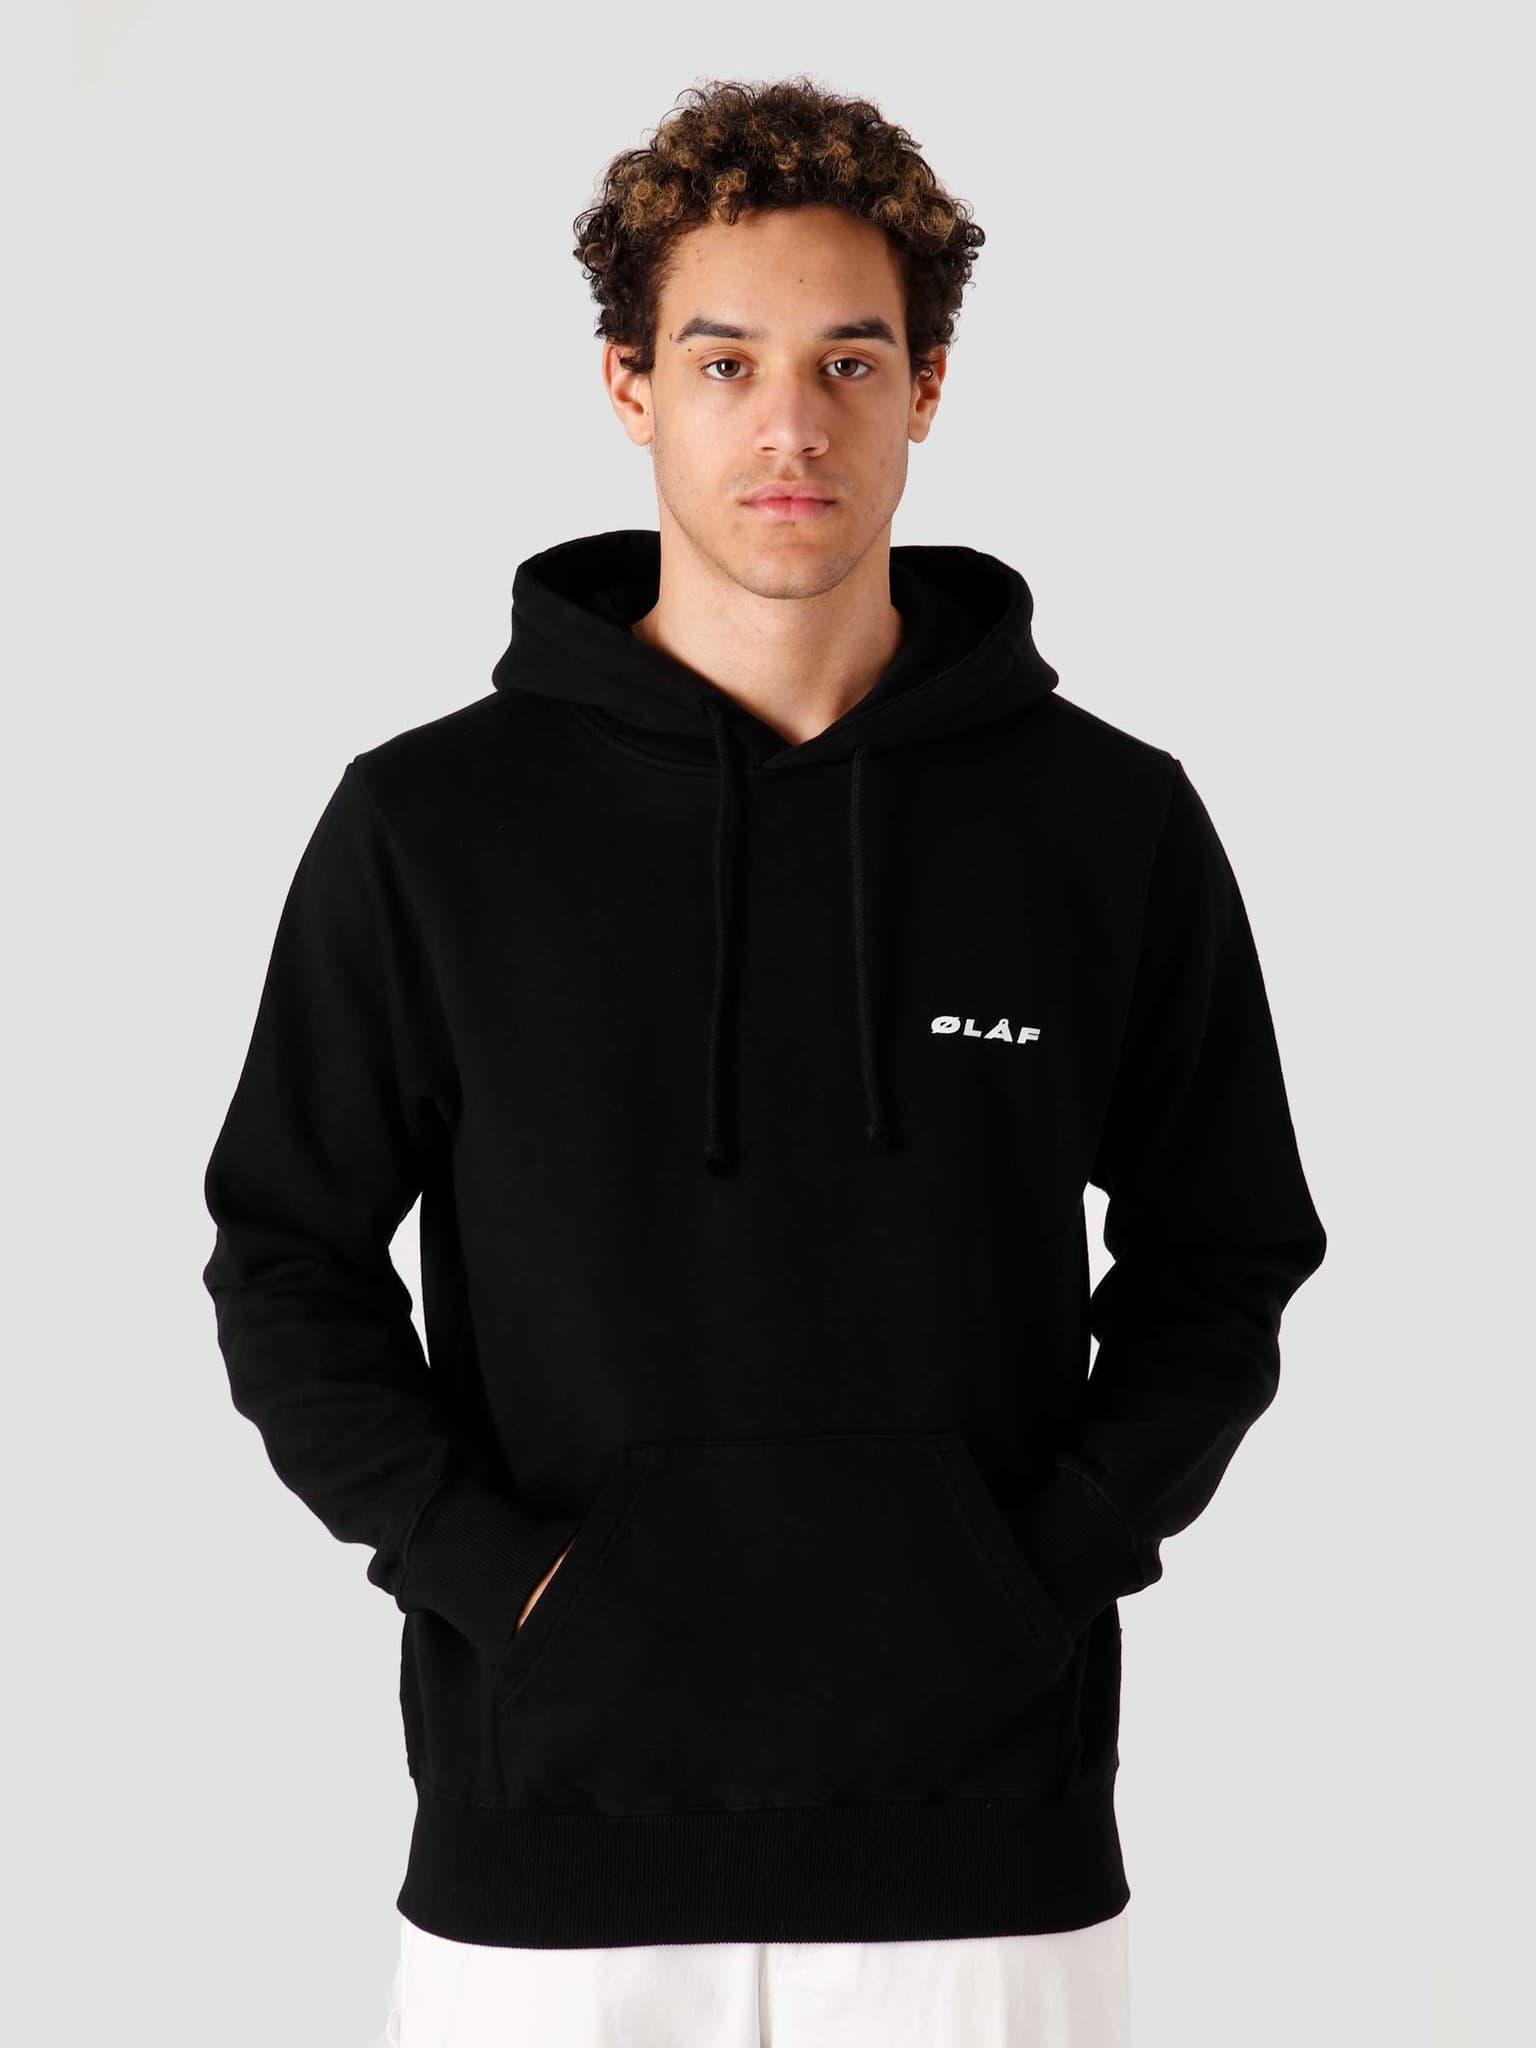 OH Uniform Hoodie Black